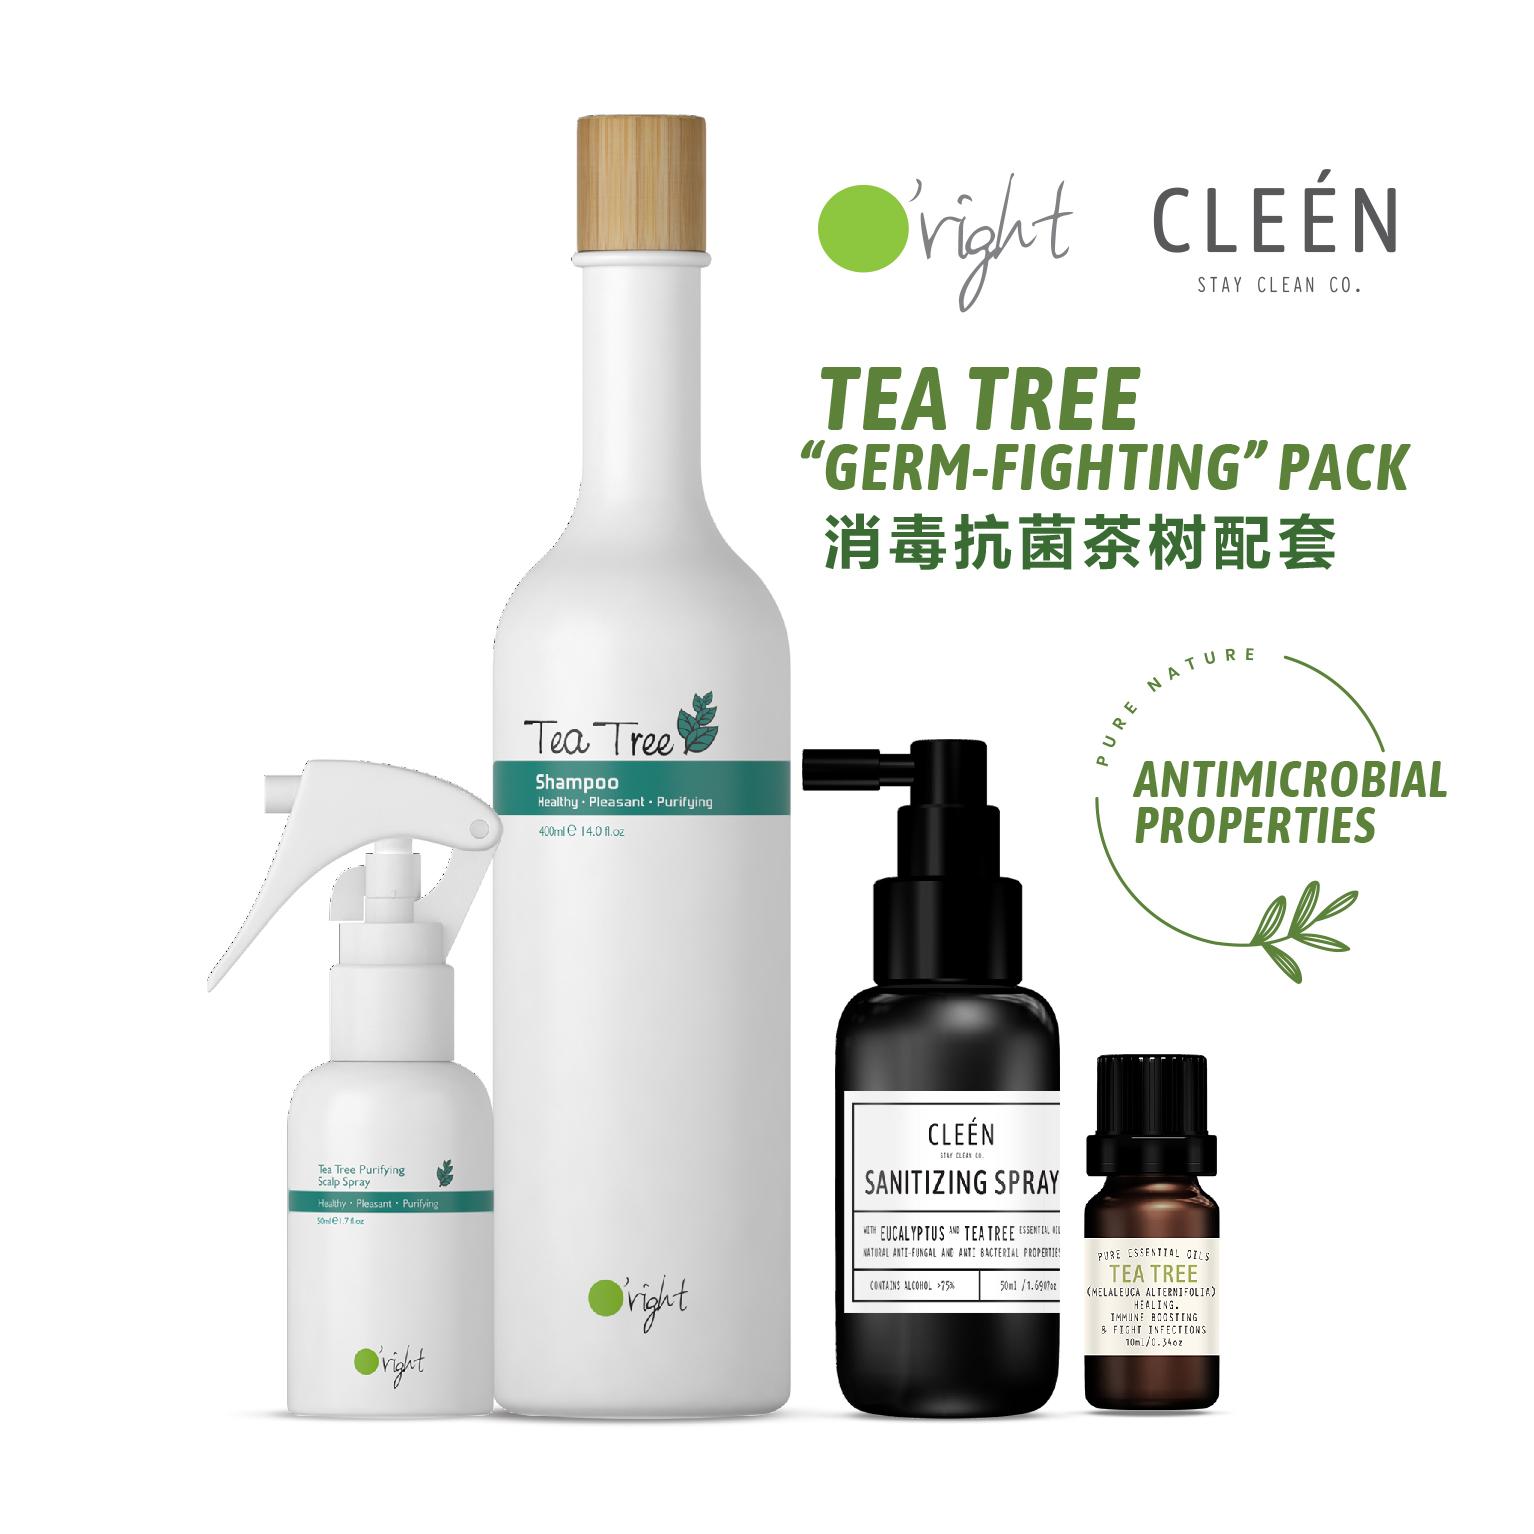 Cleen sanitizing spray adv-15.jpg